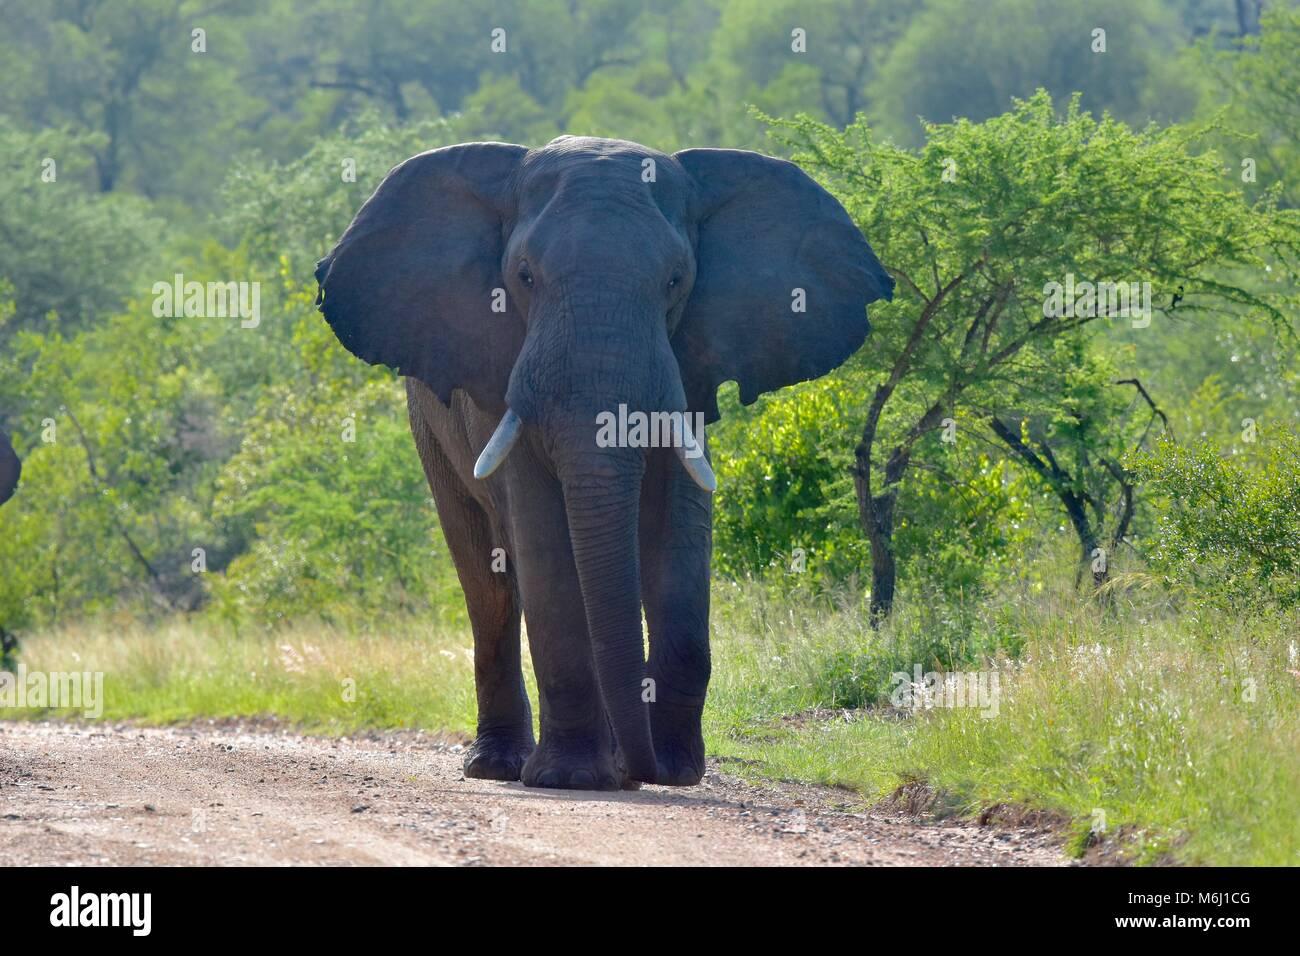 Parque Nacional Kruger, Sudáfrica. Un paraíso de aves y vida silvestre. Elefante africano bull en modo Imagen De Stock